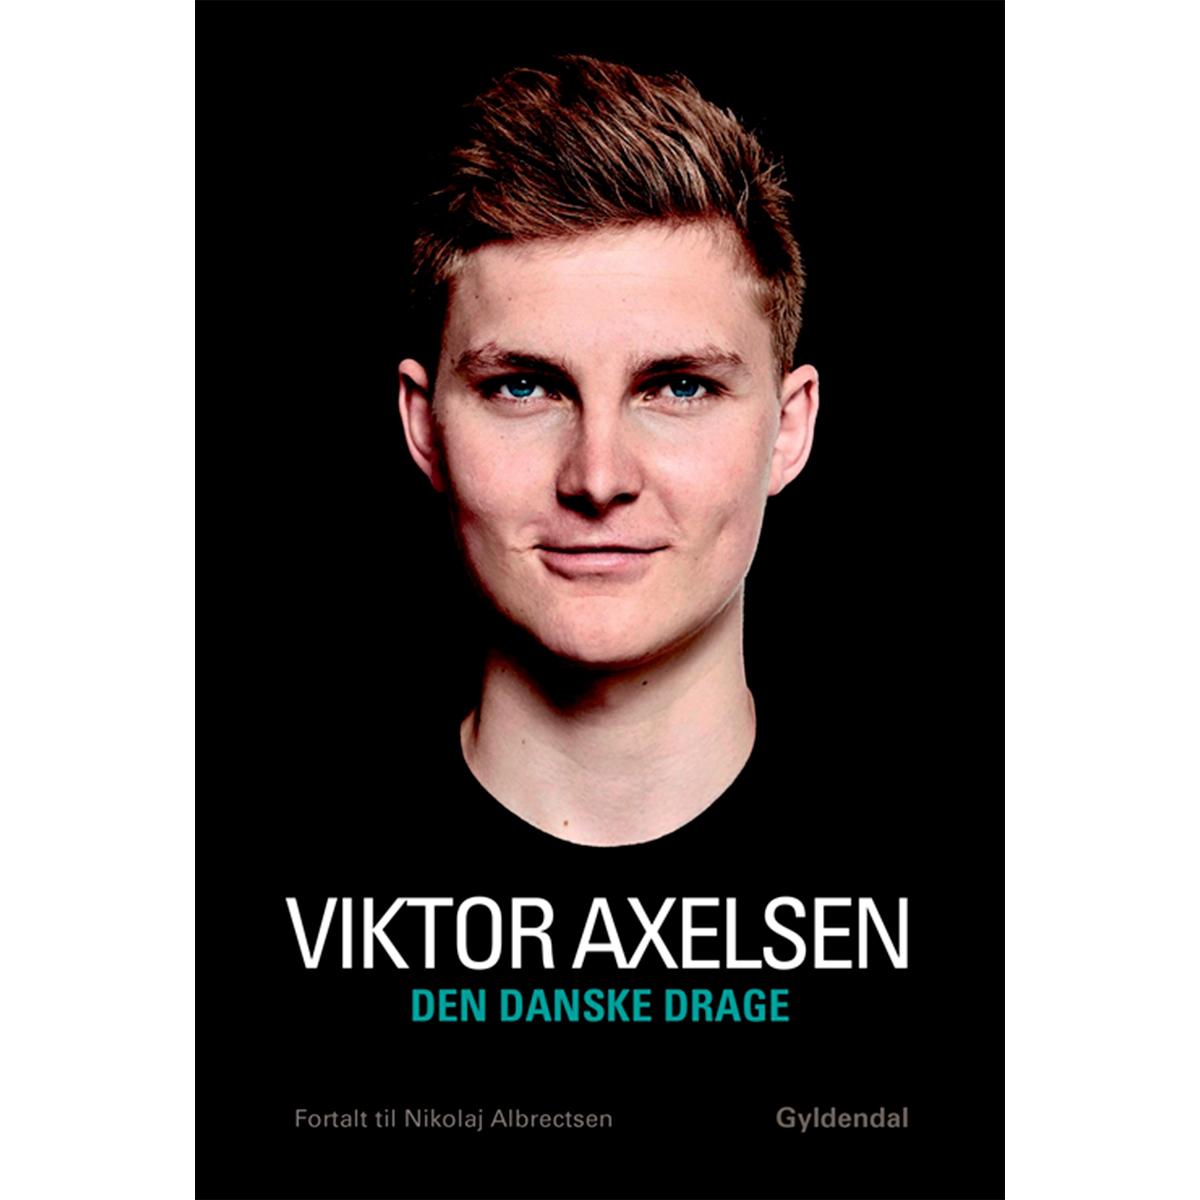 Den danske drage - Fortalt til Nikolaj Albrectsen - Hæftet